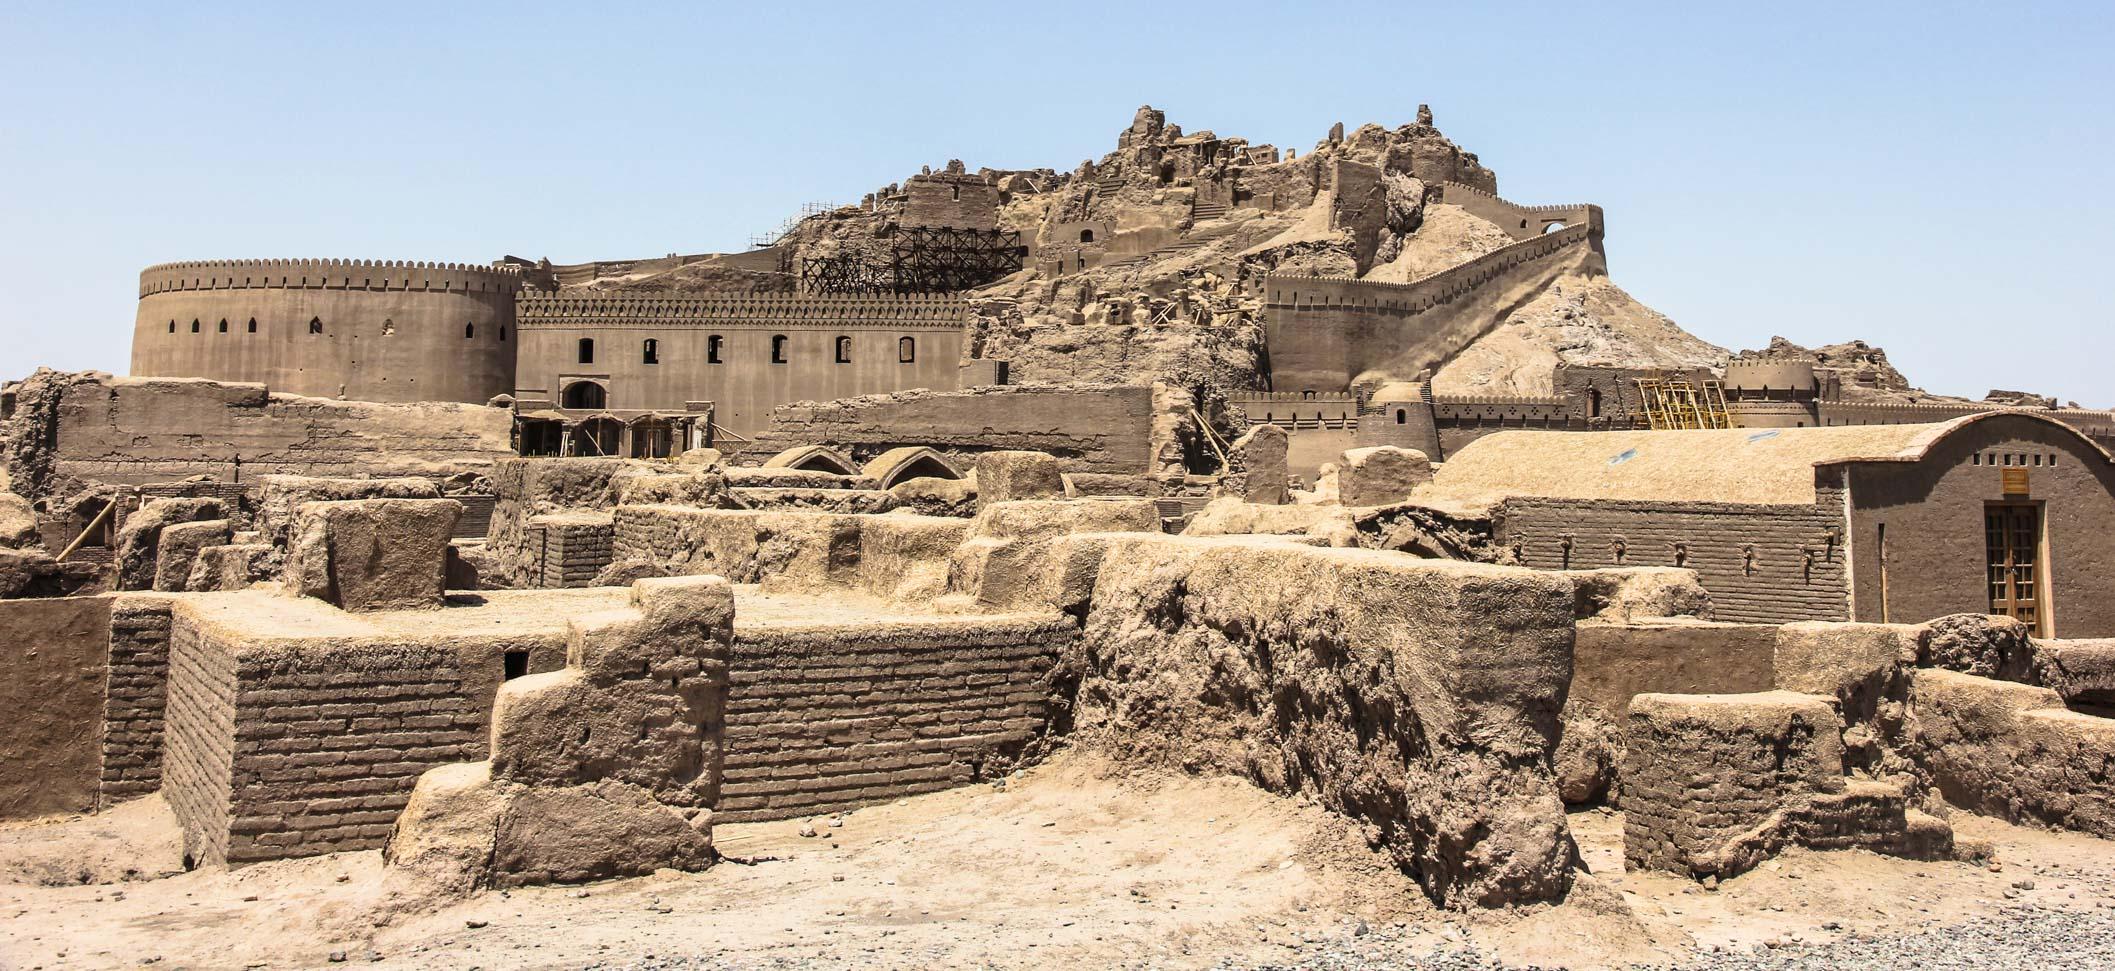 The Citadel of Bam getting rebuilt